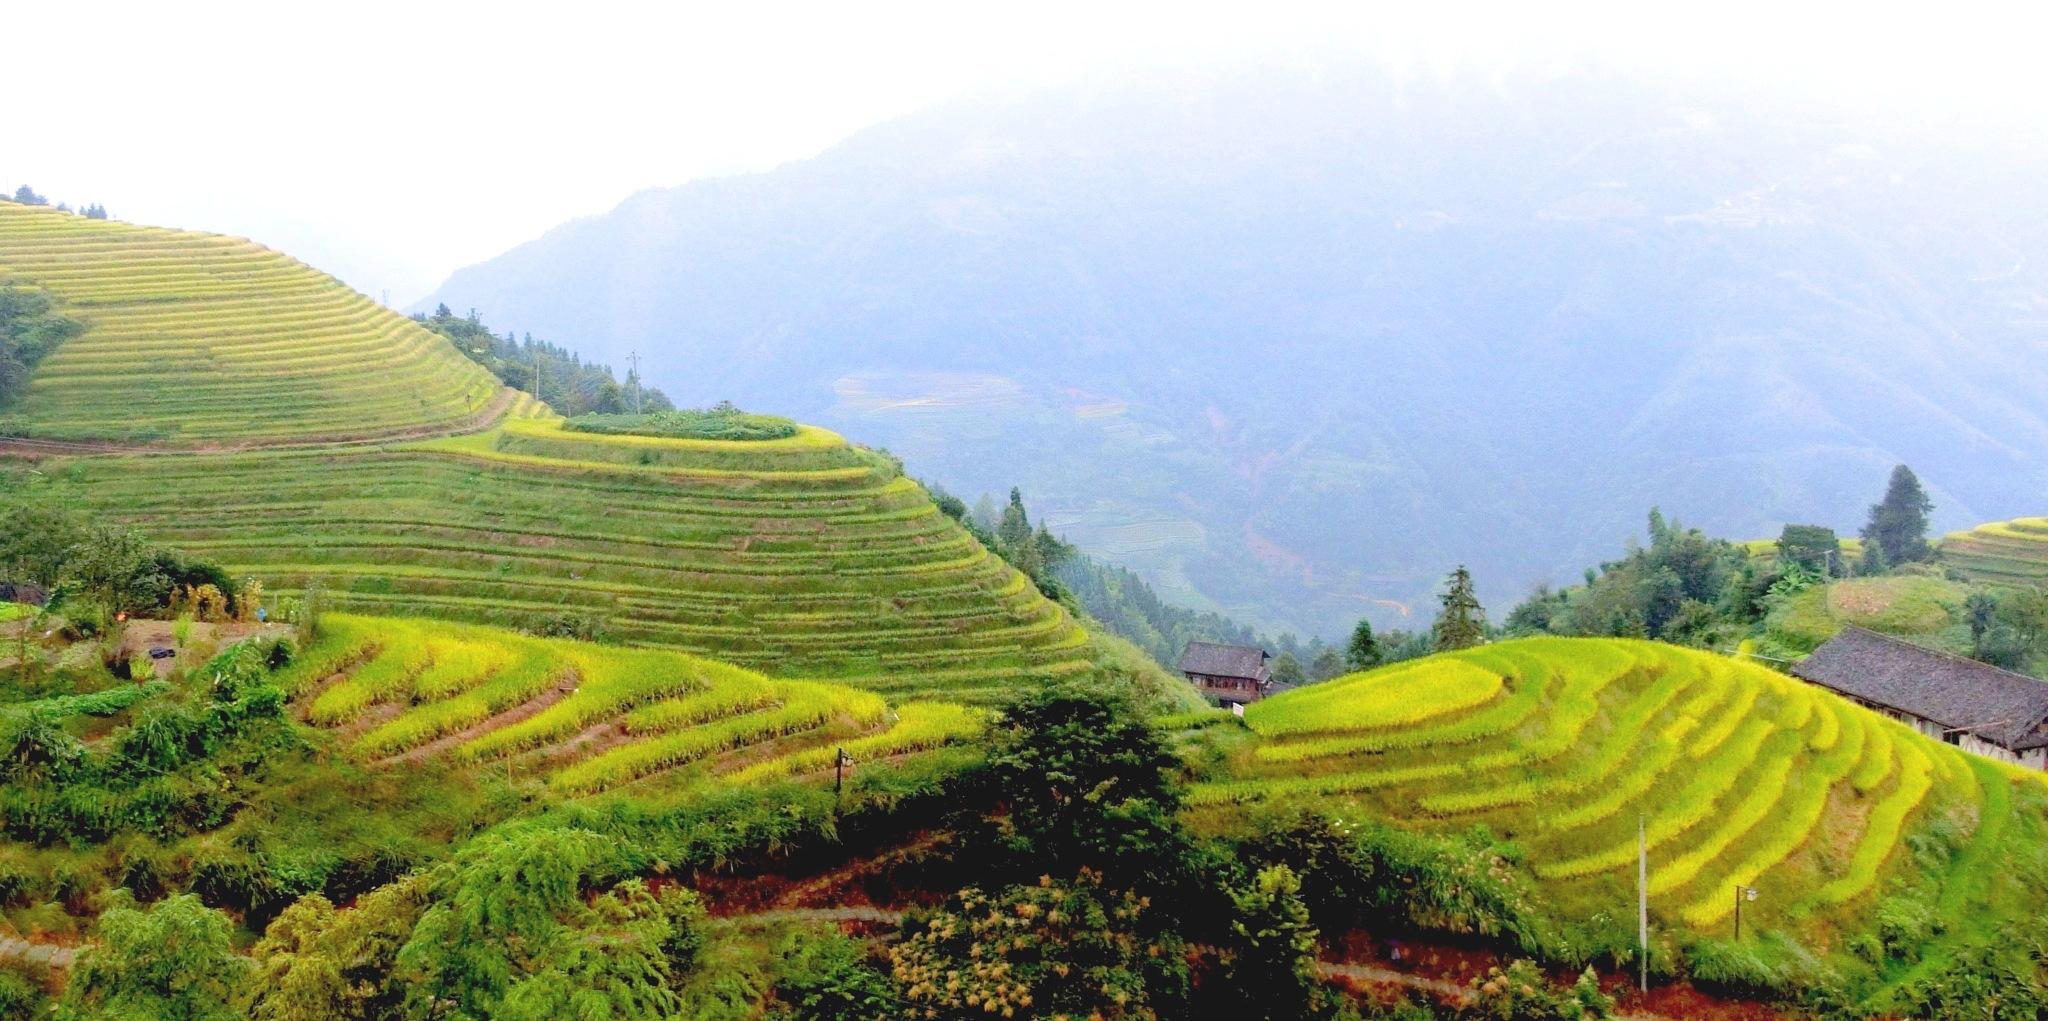 Longji Rice Terraces-9 by pop88123